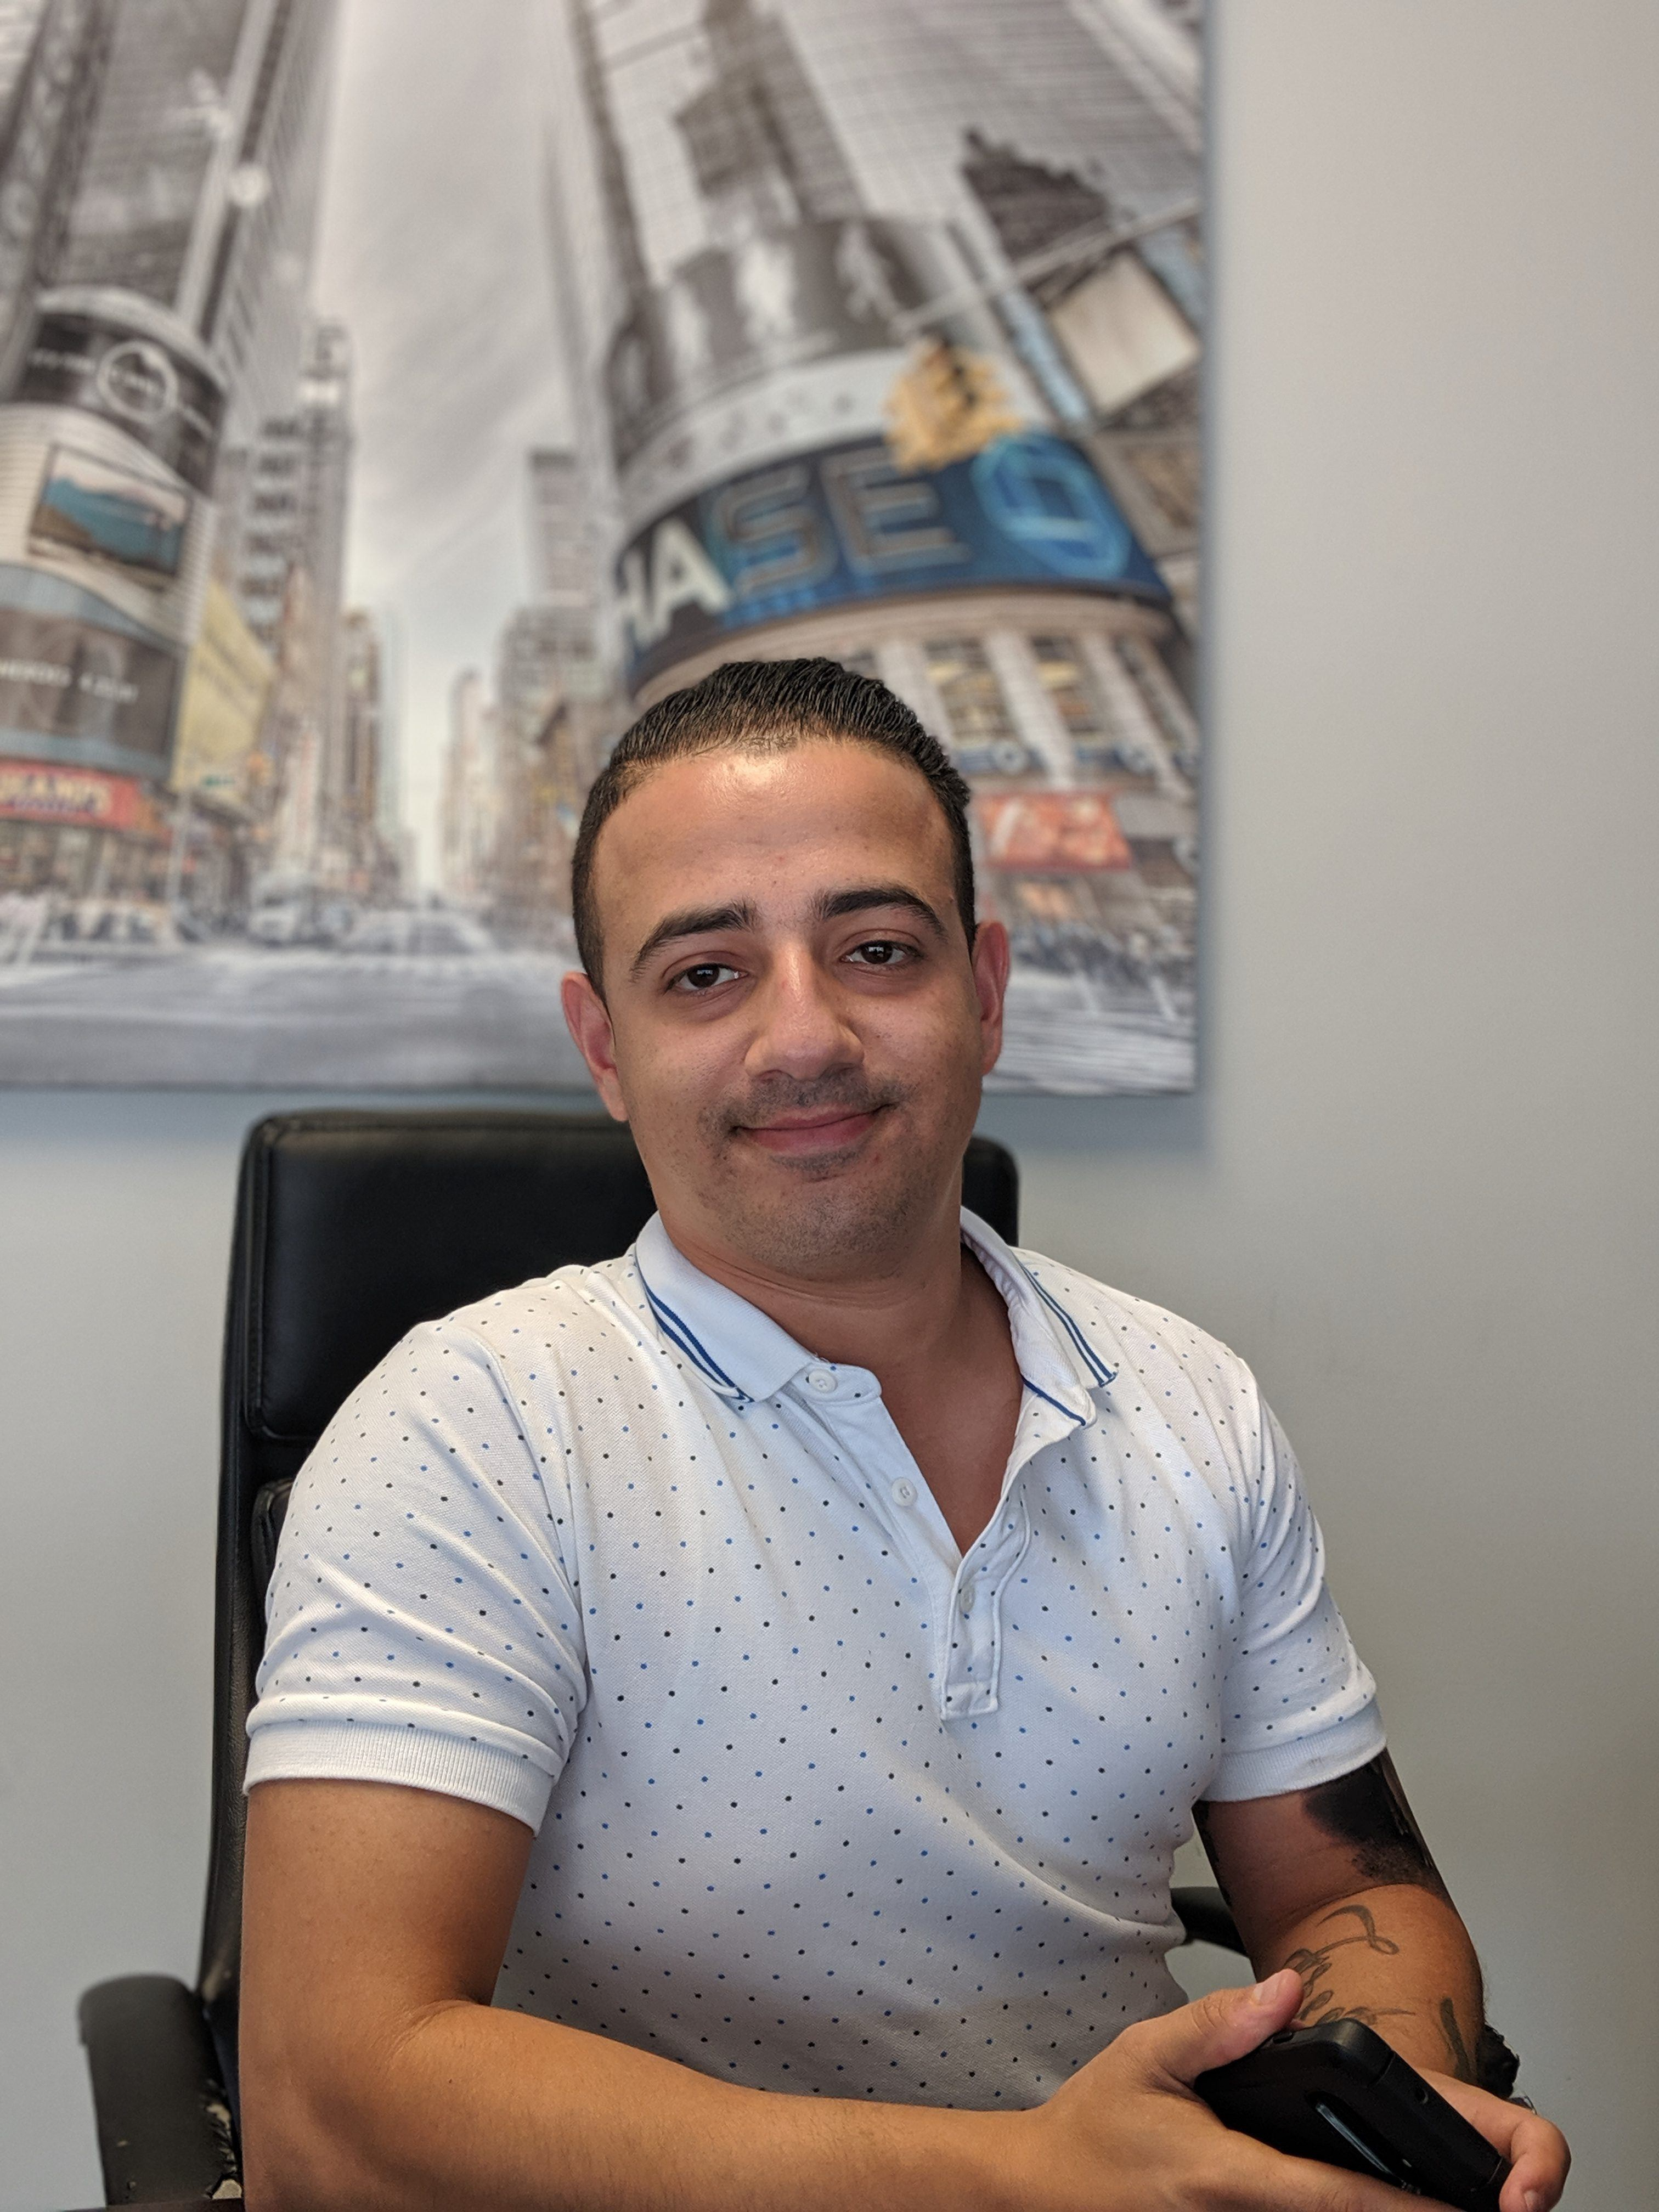 Ziad Hassan